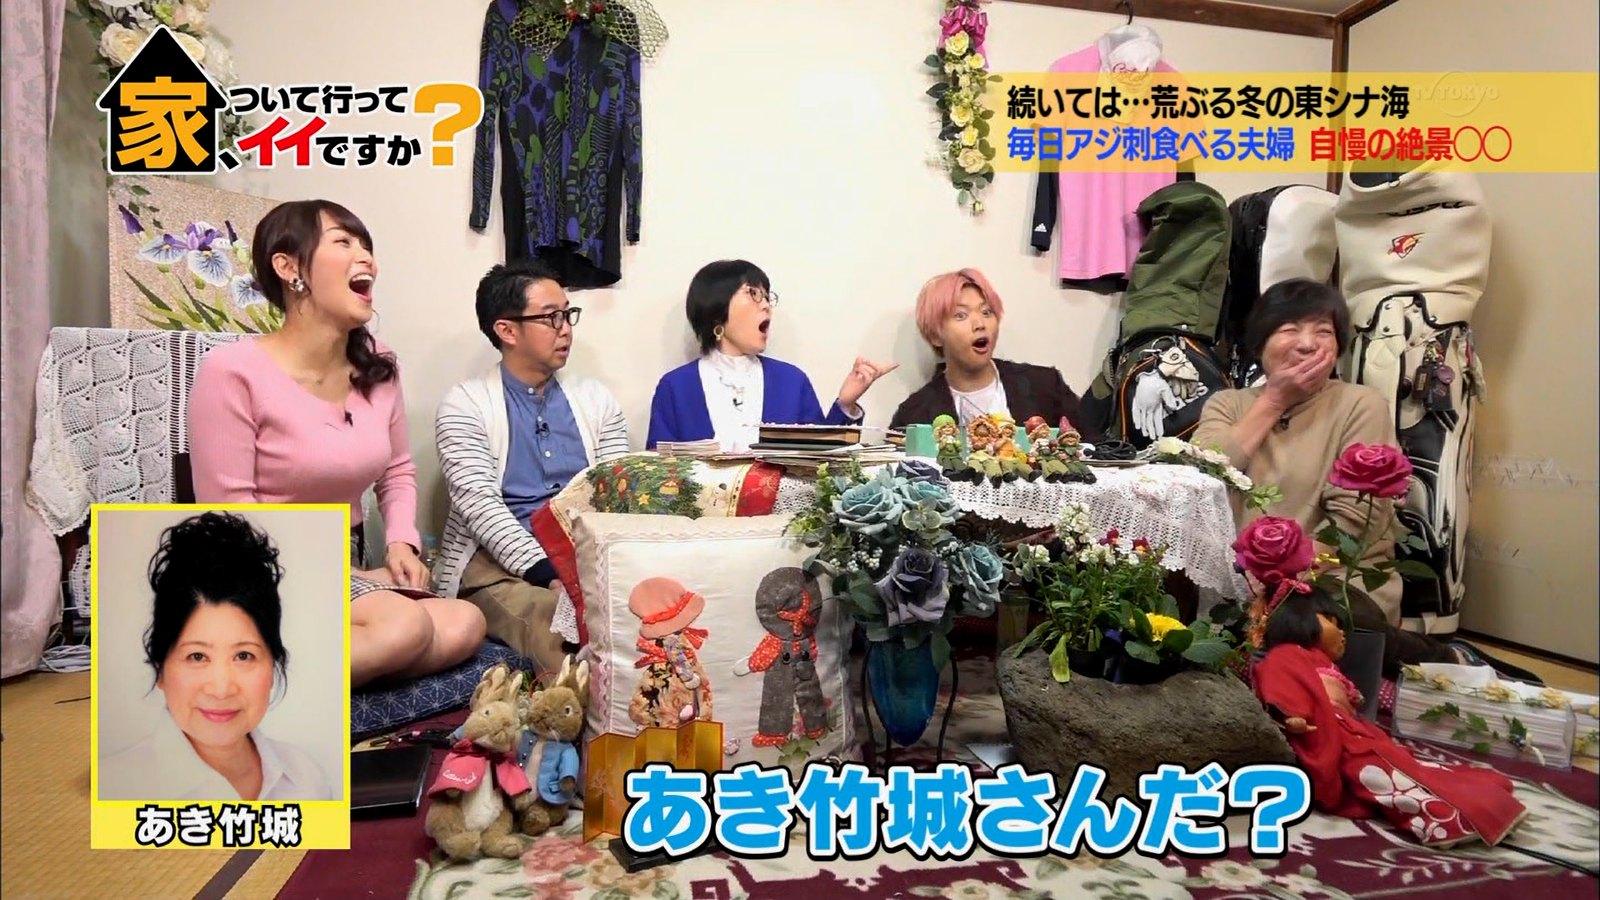 2019年2月13日テレビ東京「家、ついて行ってイイですか?」鷲見玲奈さんのテレビキャプチャー画像-257